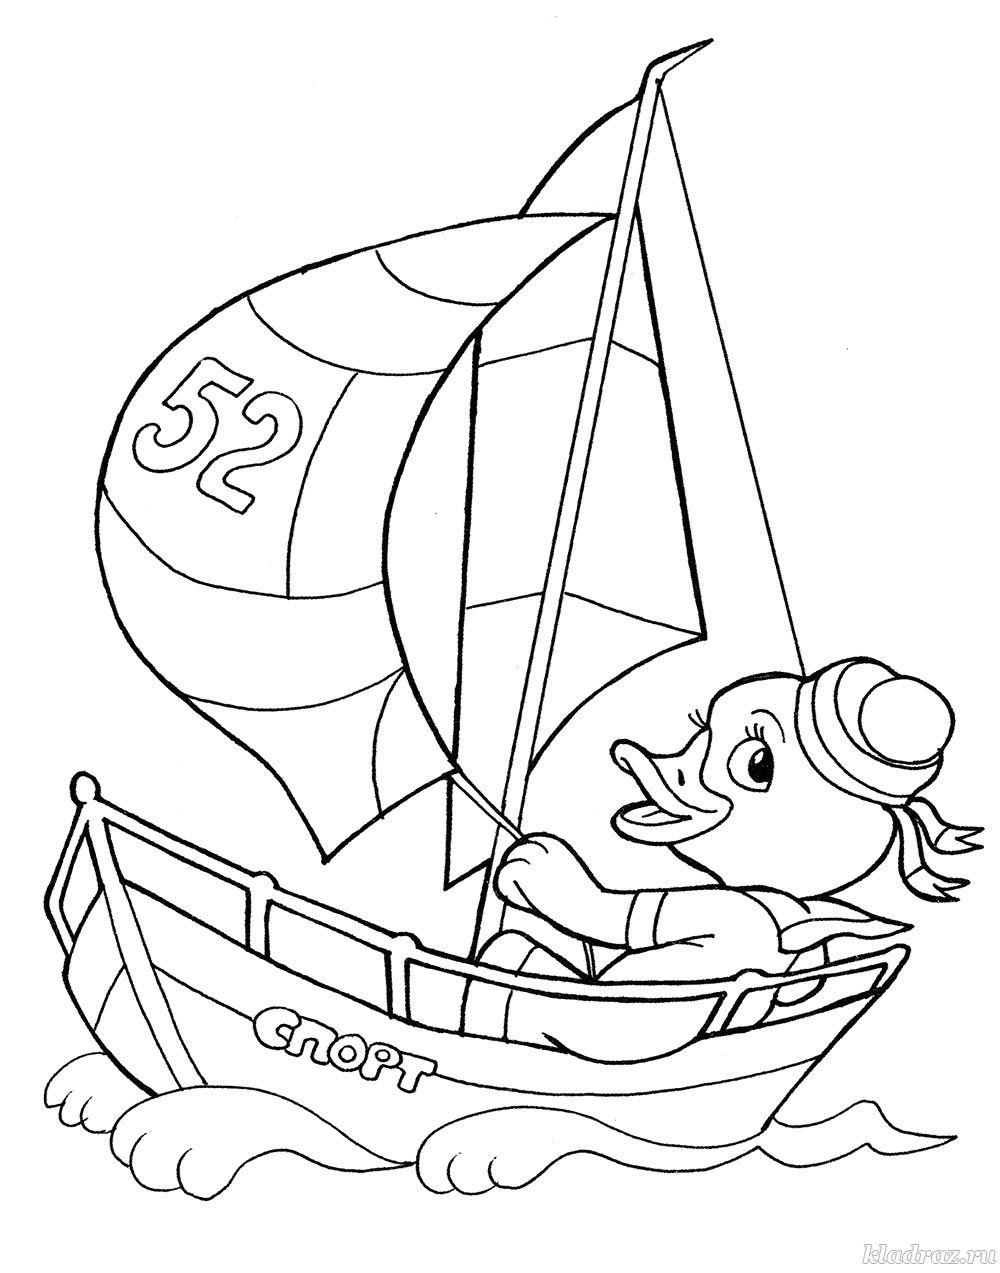 Раскраски для детей 5-6 лет